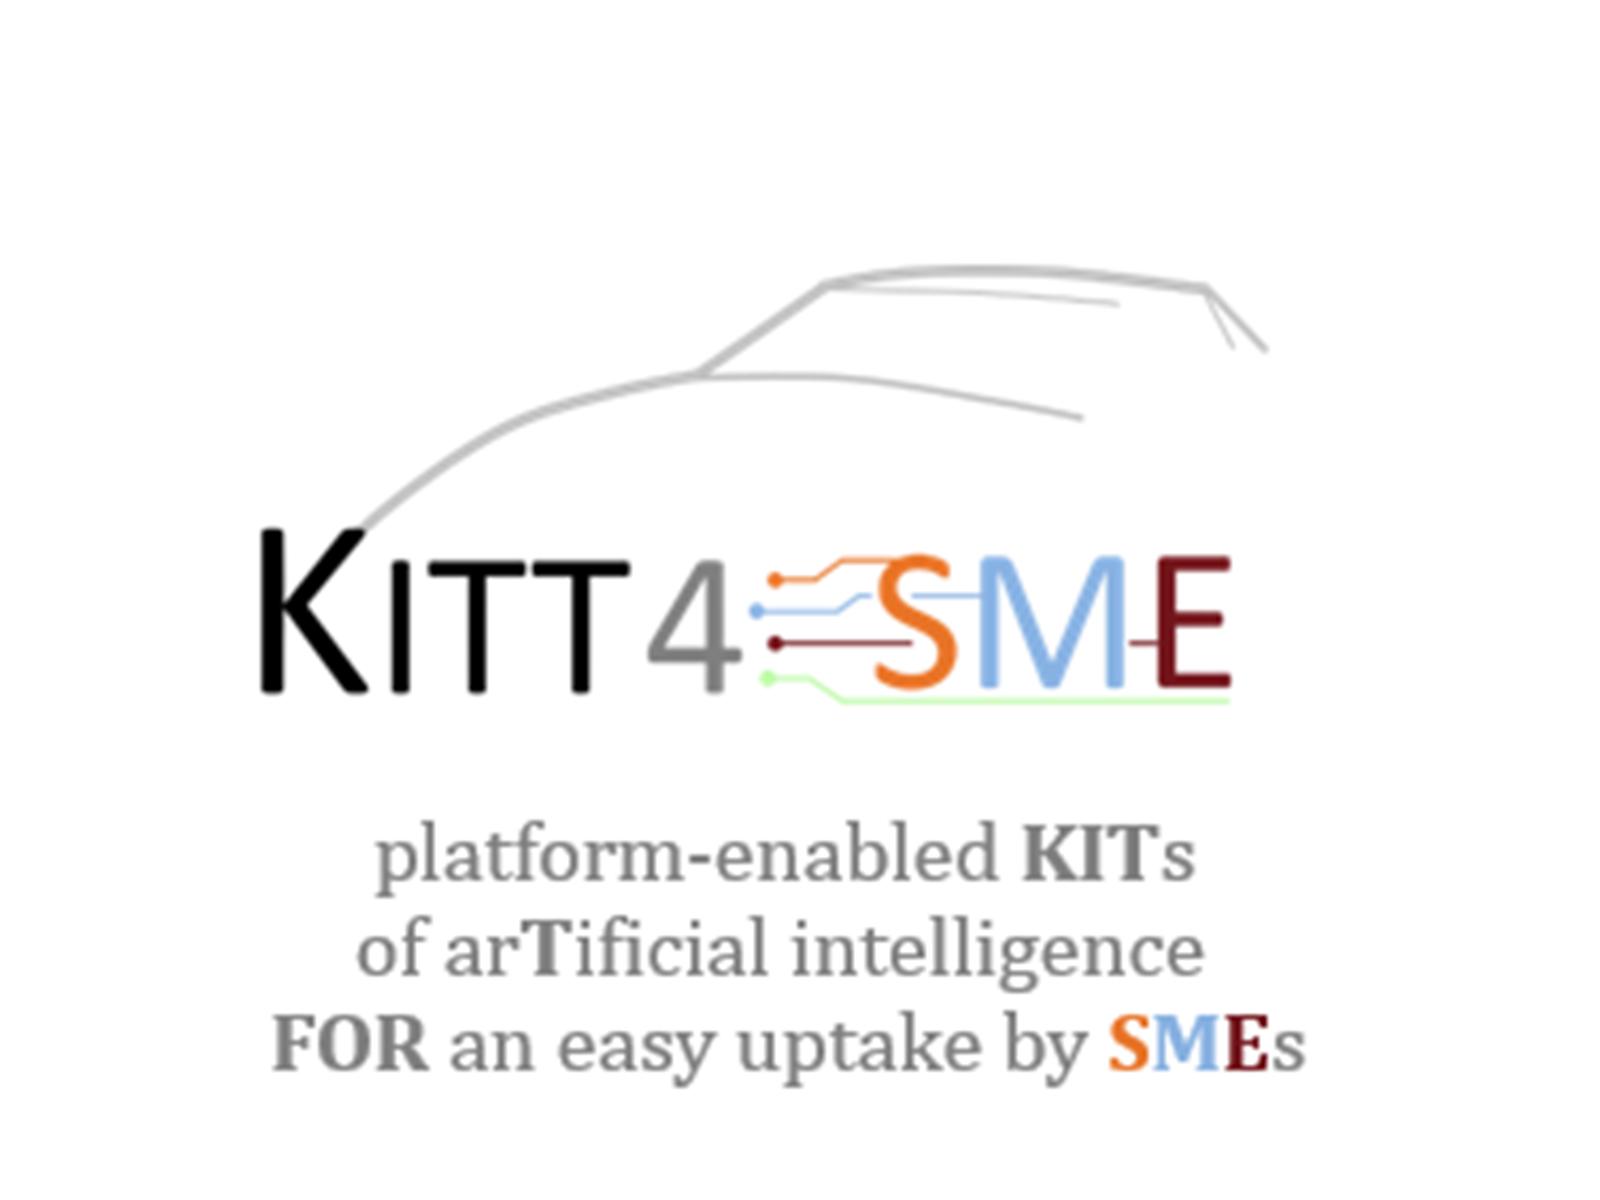 Kitt4Sme-logo